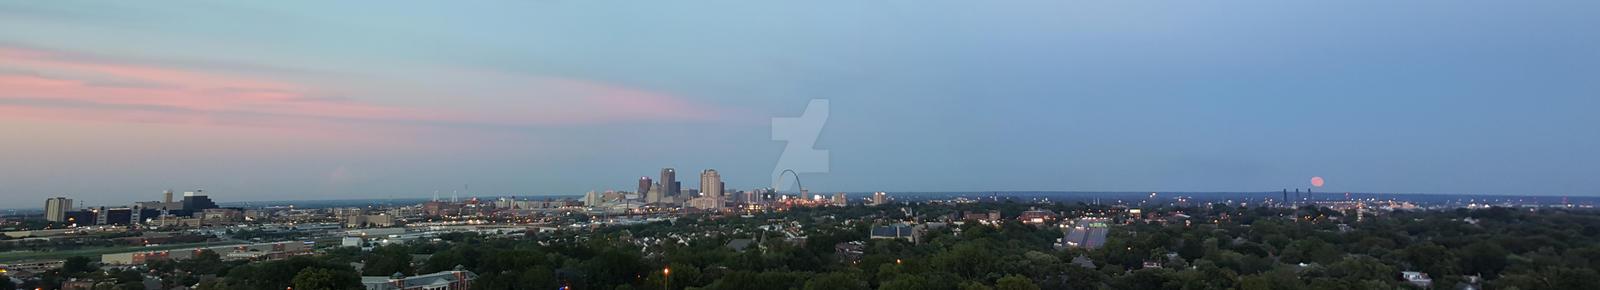 Saint Louis Skyline on a Blue Moon